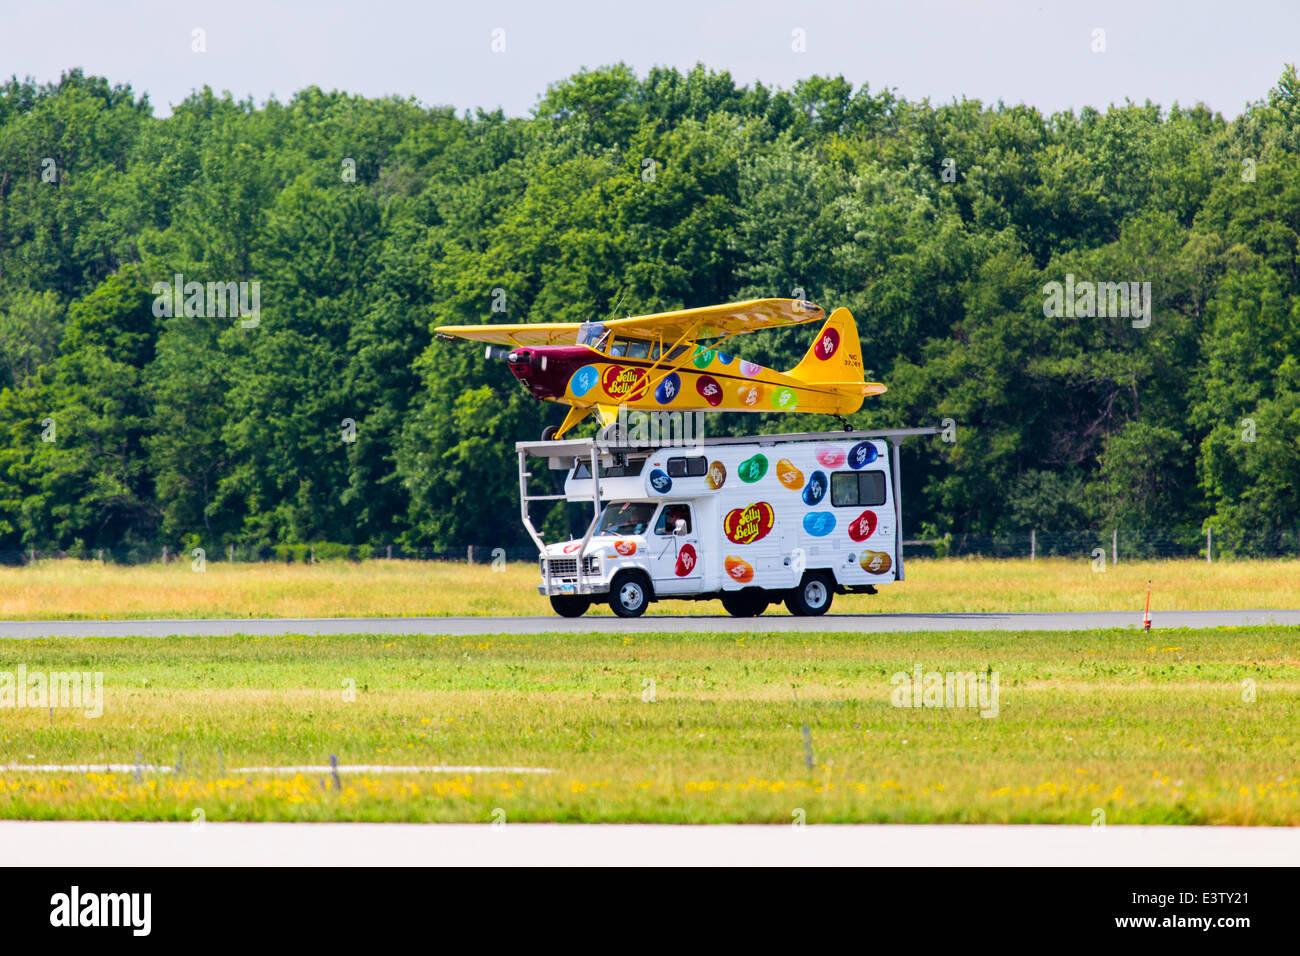 Waterloo, Ontario, Canada. 27th June, 2014. Kent Piersch landing his ...